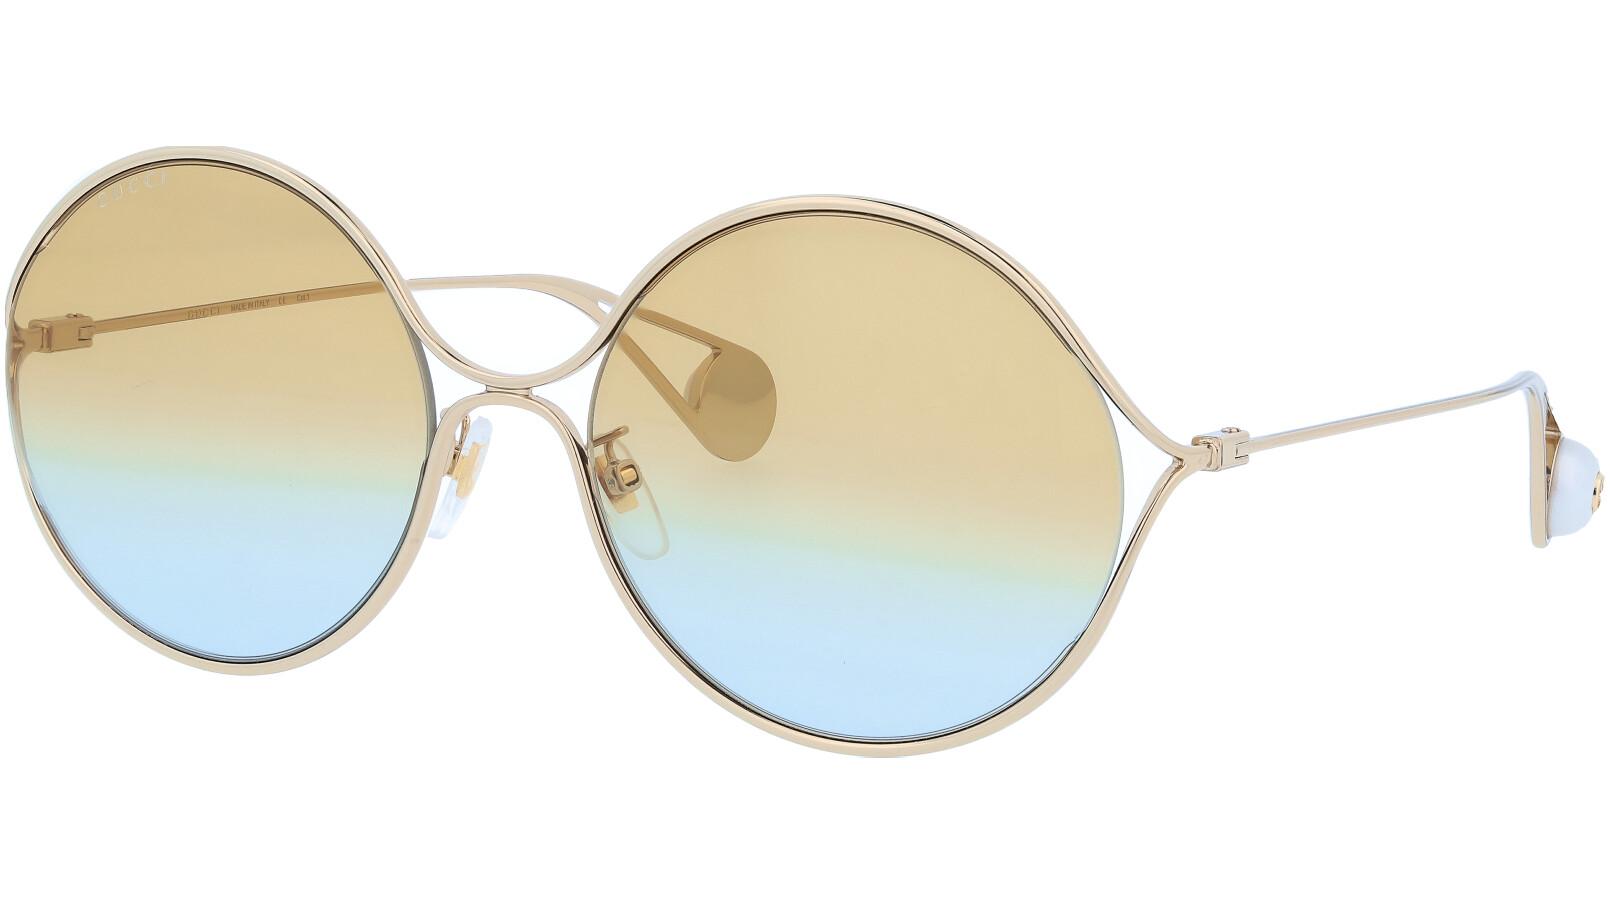 GUCCI GG0227S 001 62 GOLD Sunglasses